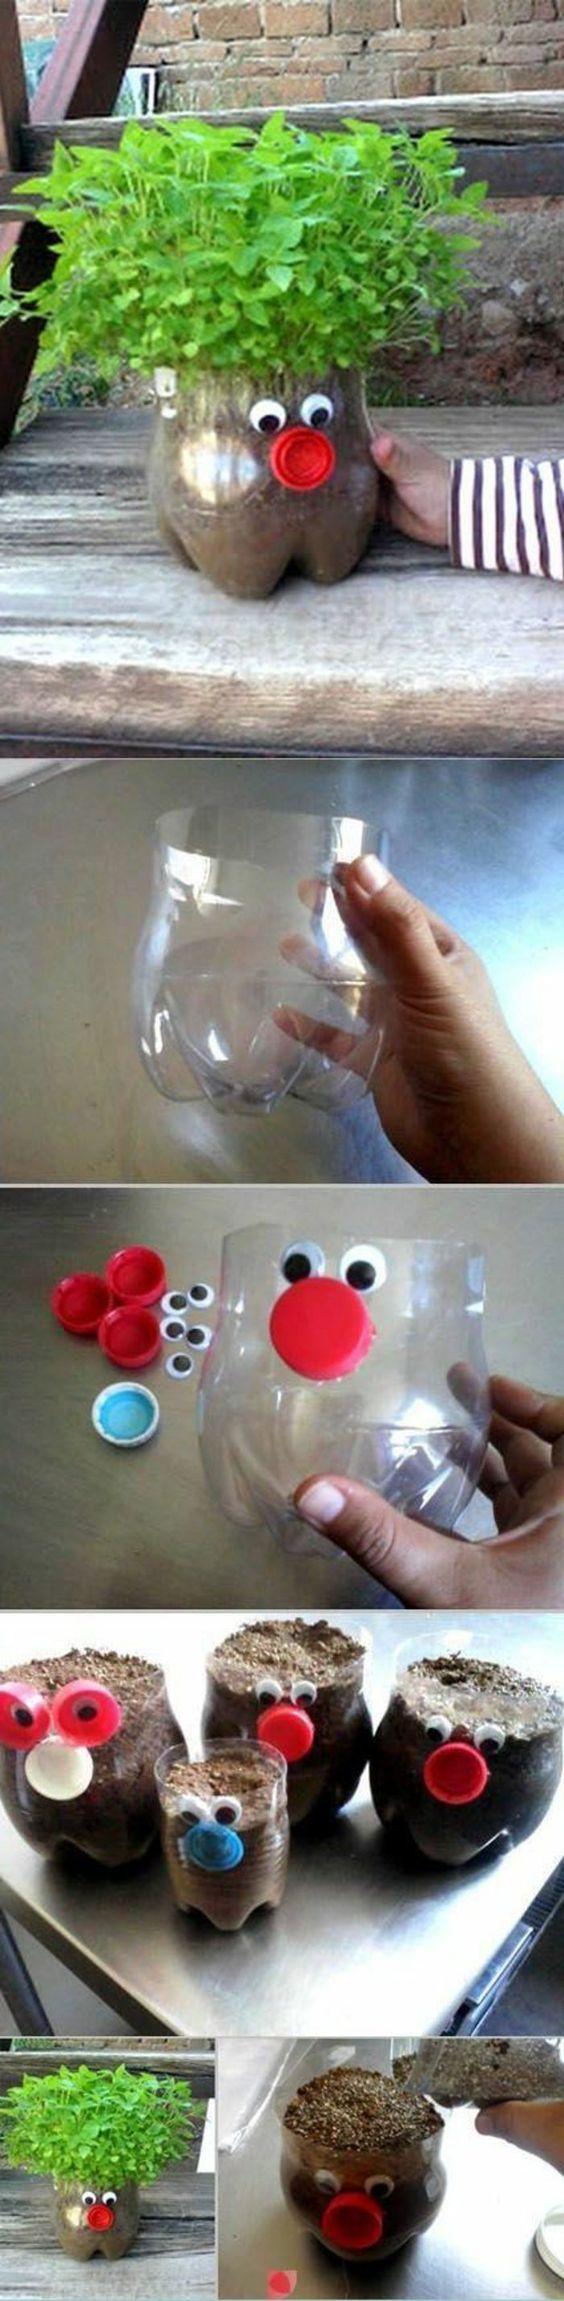 bricolage-avec-bouteille-plastique-pot-de-fleur-avec-bouteille-recyclage-d'objets